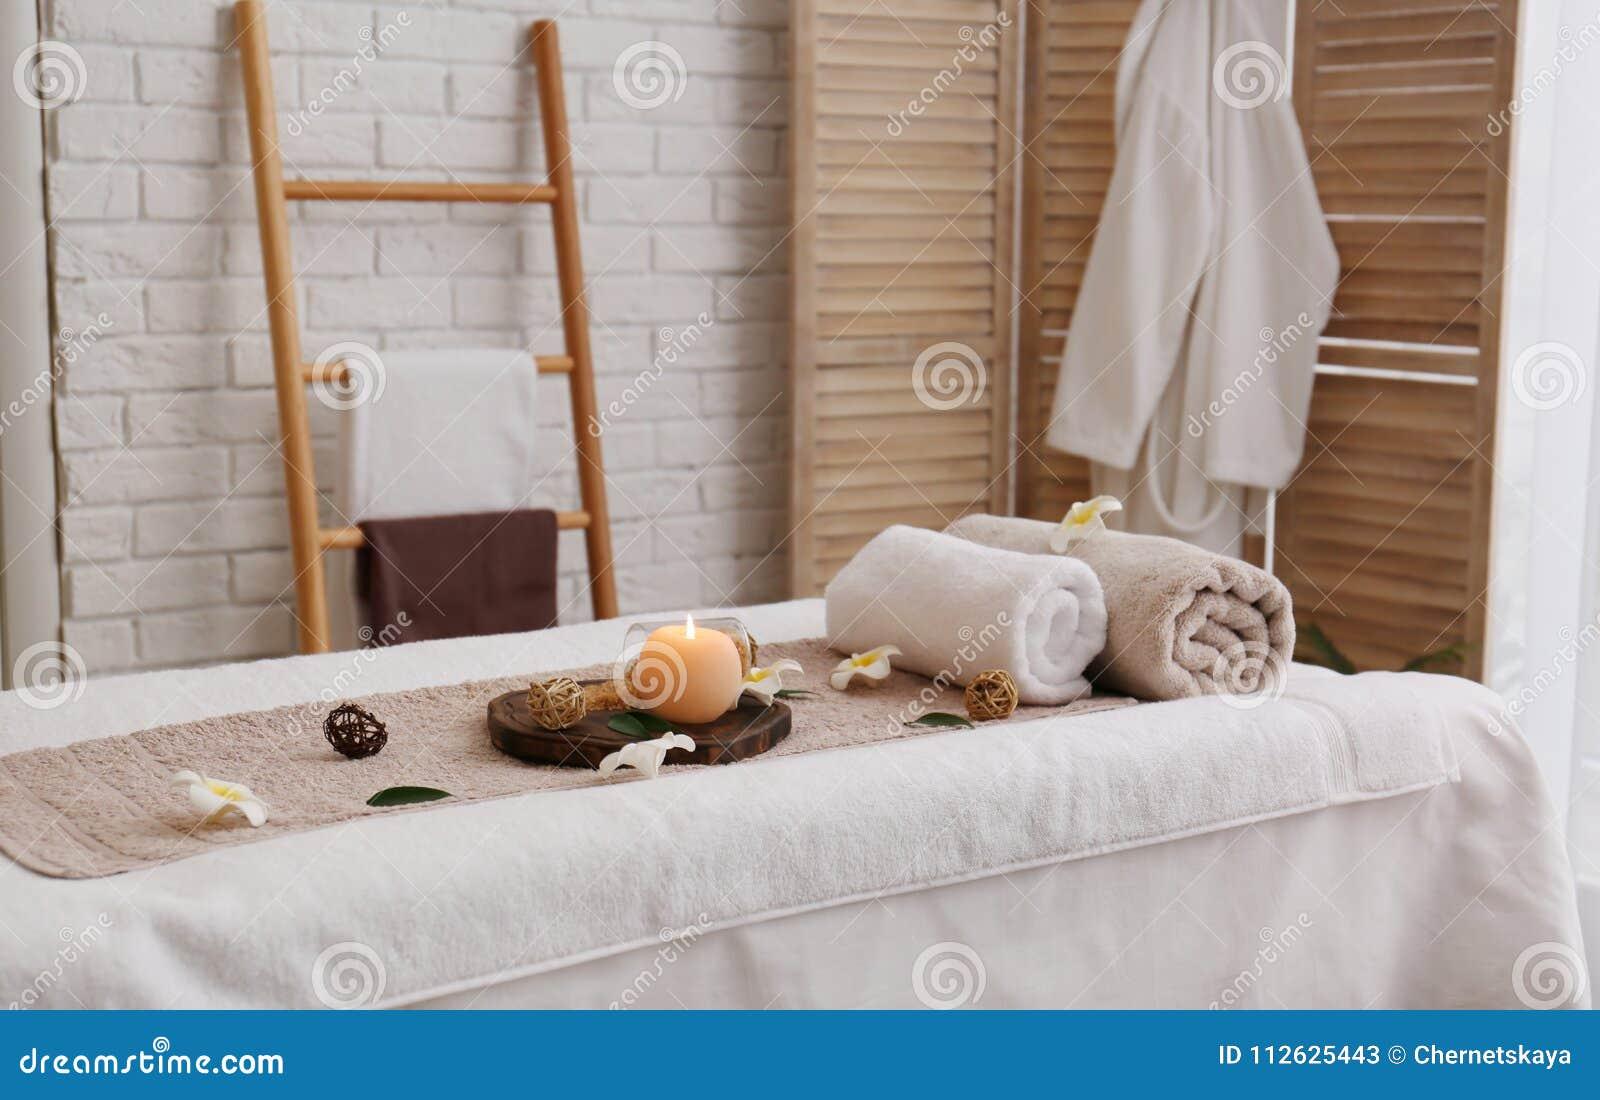 Dé masajes a la tabla con las toallas, la vela y la sal del mar en salón del balneario